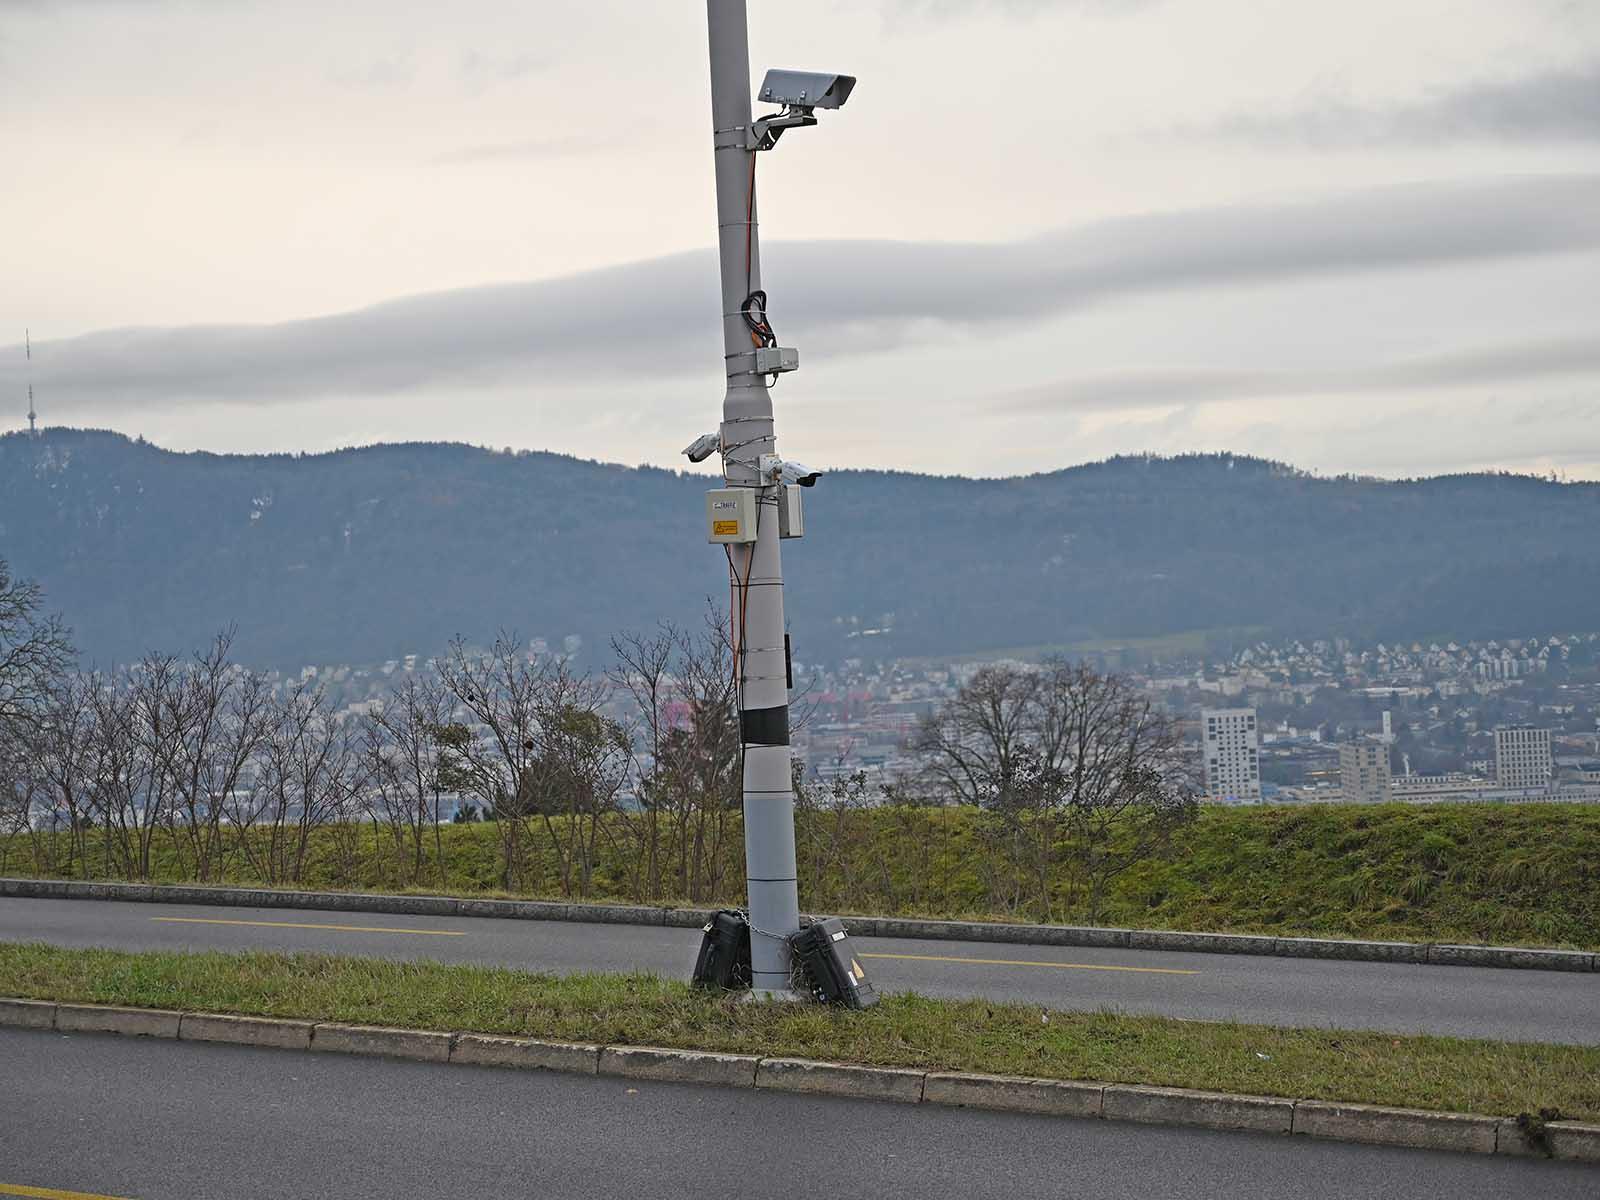 Die Videokameras sammeln Daten über Verkehrsmengen, -zusammensetzung und Pendlerverhalten während einer Pandemie.